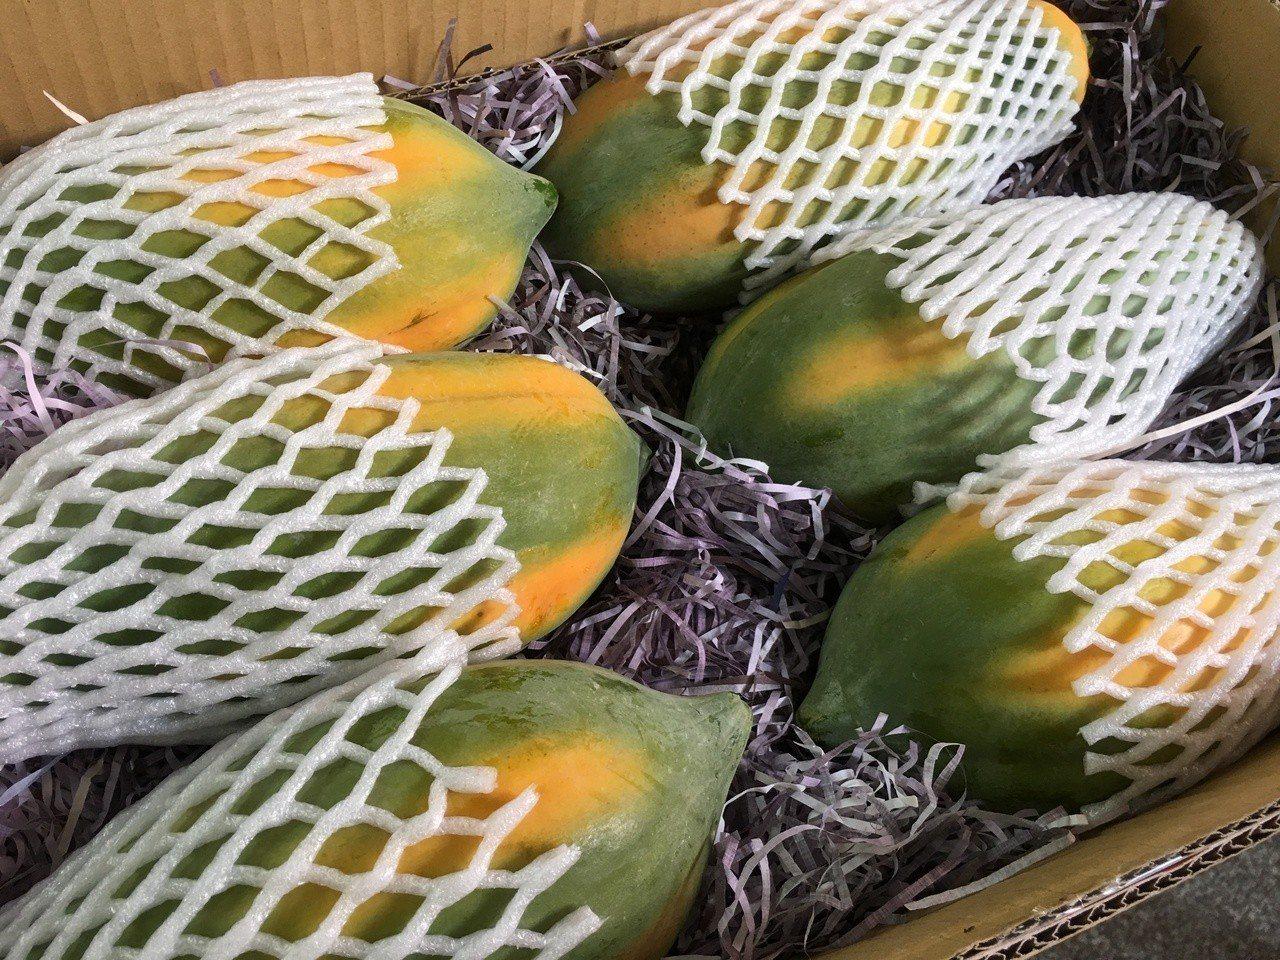 雲林縣林內鄉盛產木瓜,秋天正是木瓜最好吃的時節,鄉農會舉辦木瓜節及評鑑全力行銷。...